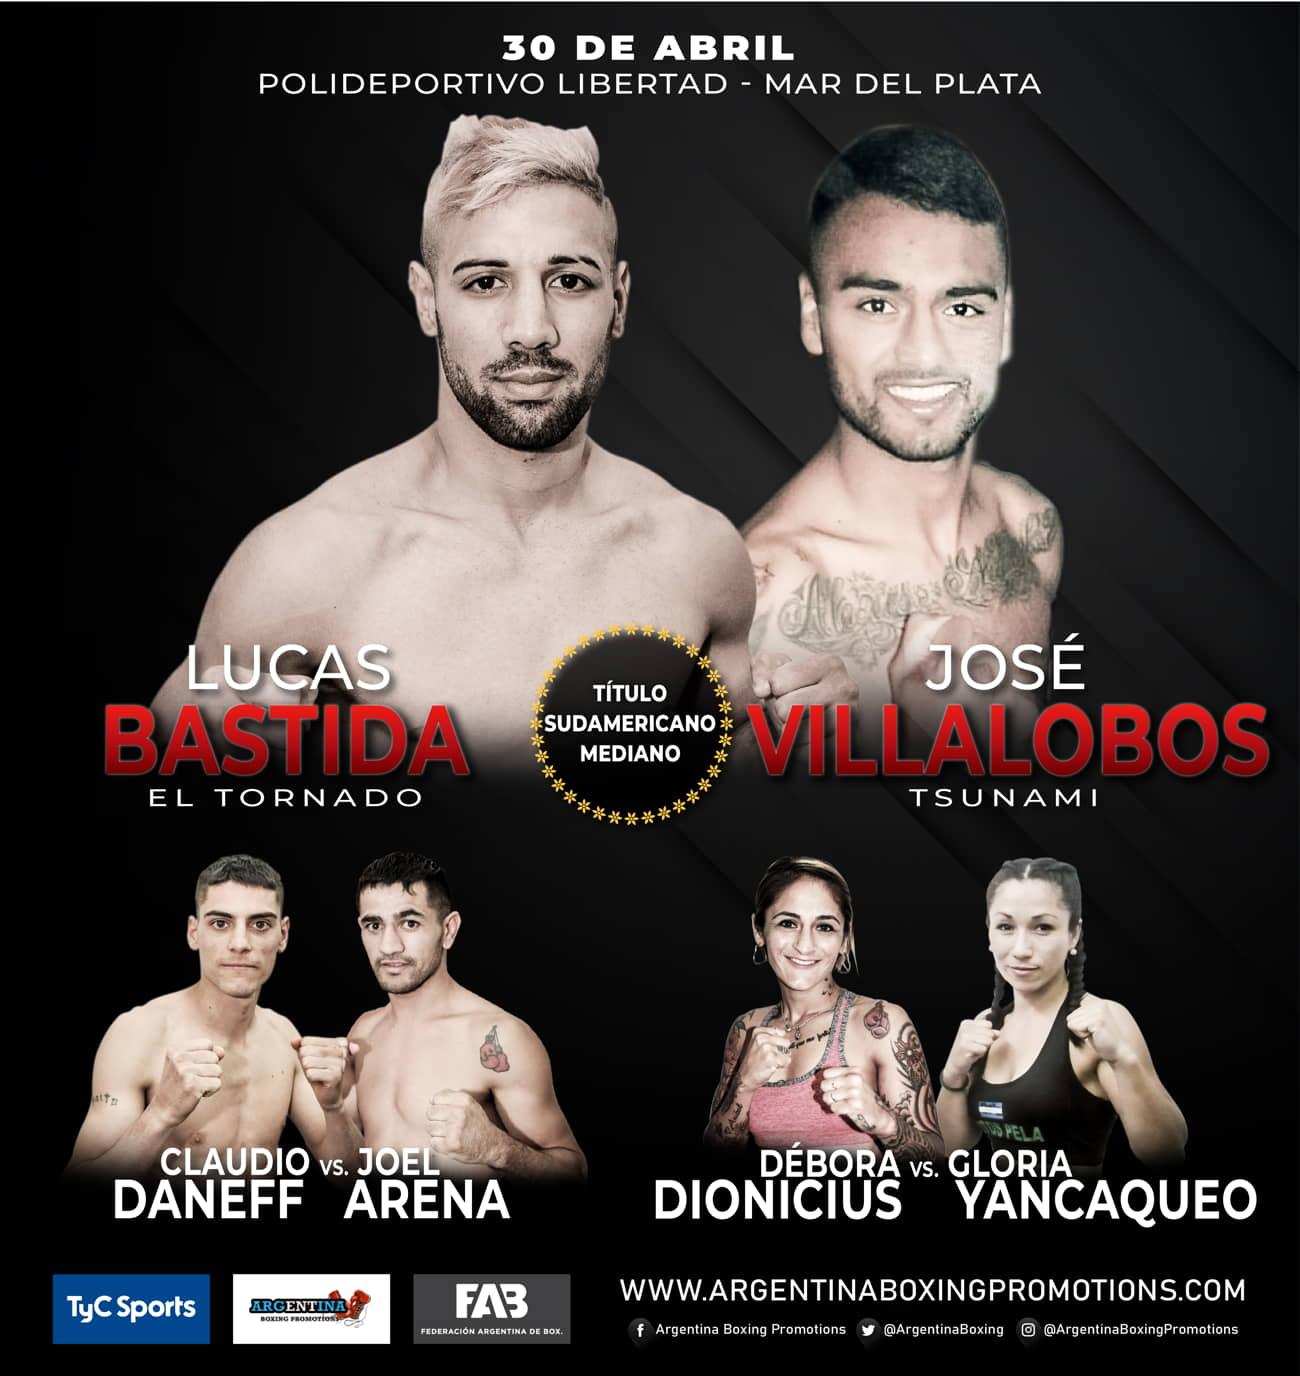 Lucas Bastida vs. José Villalobos - Mario Margossian